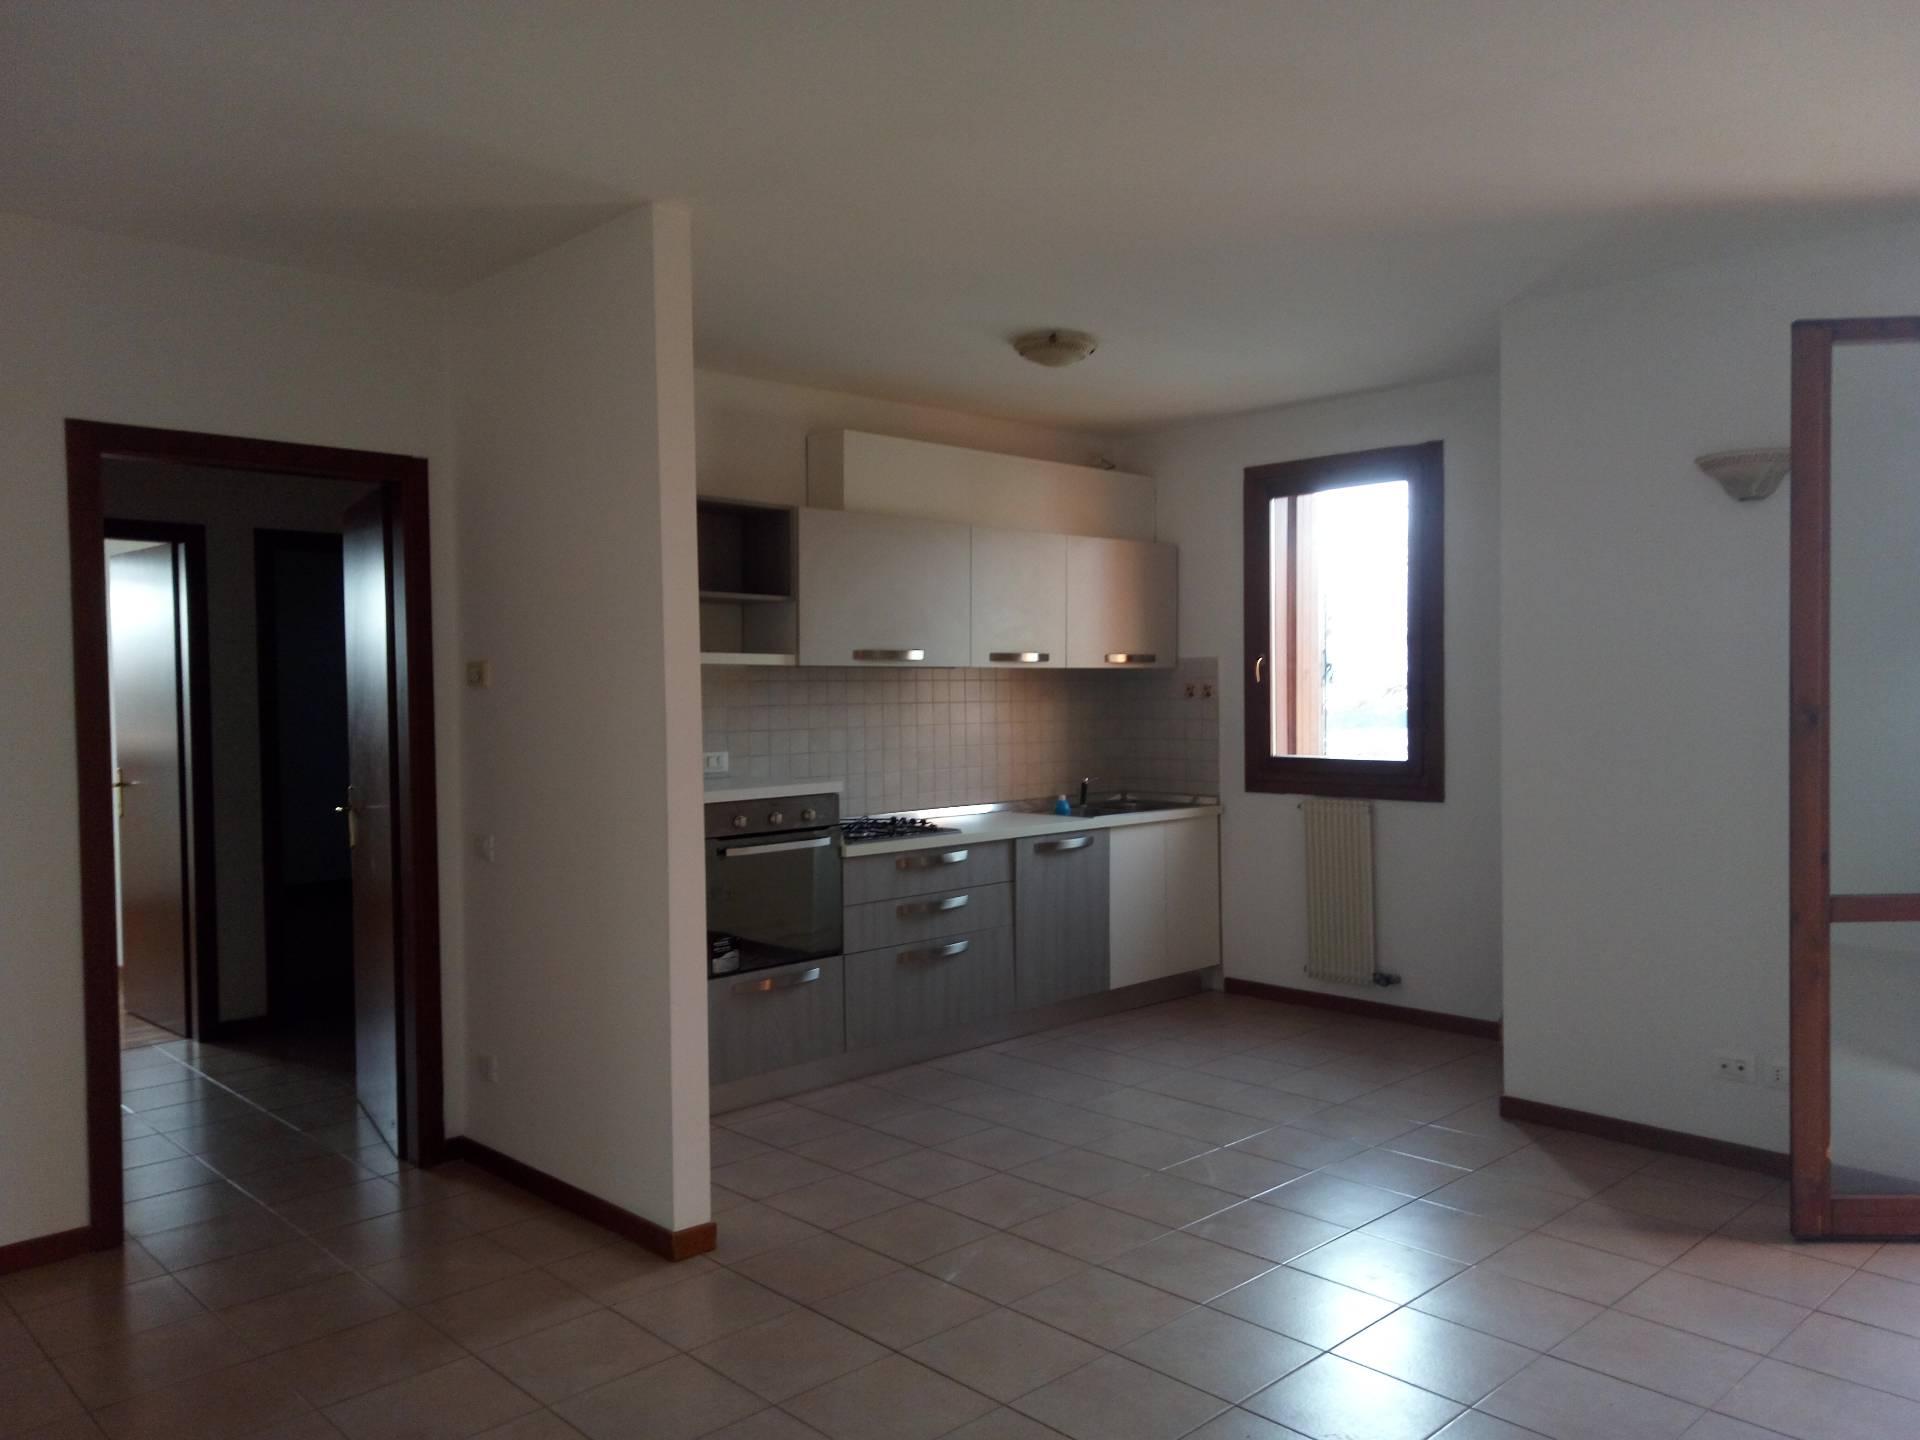 Appartamento in vendita a Silea, 5 locali, zona Località: Centro, prezzo € 139.000 | Cambio Casa.it